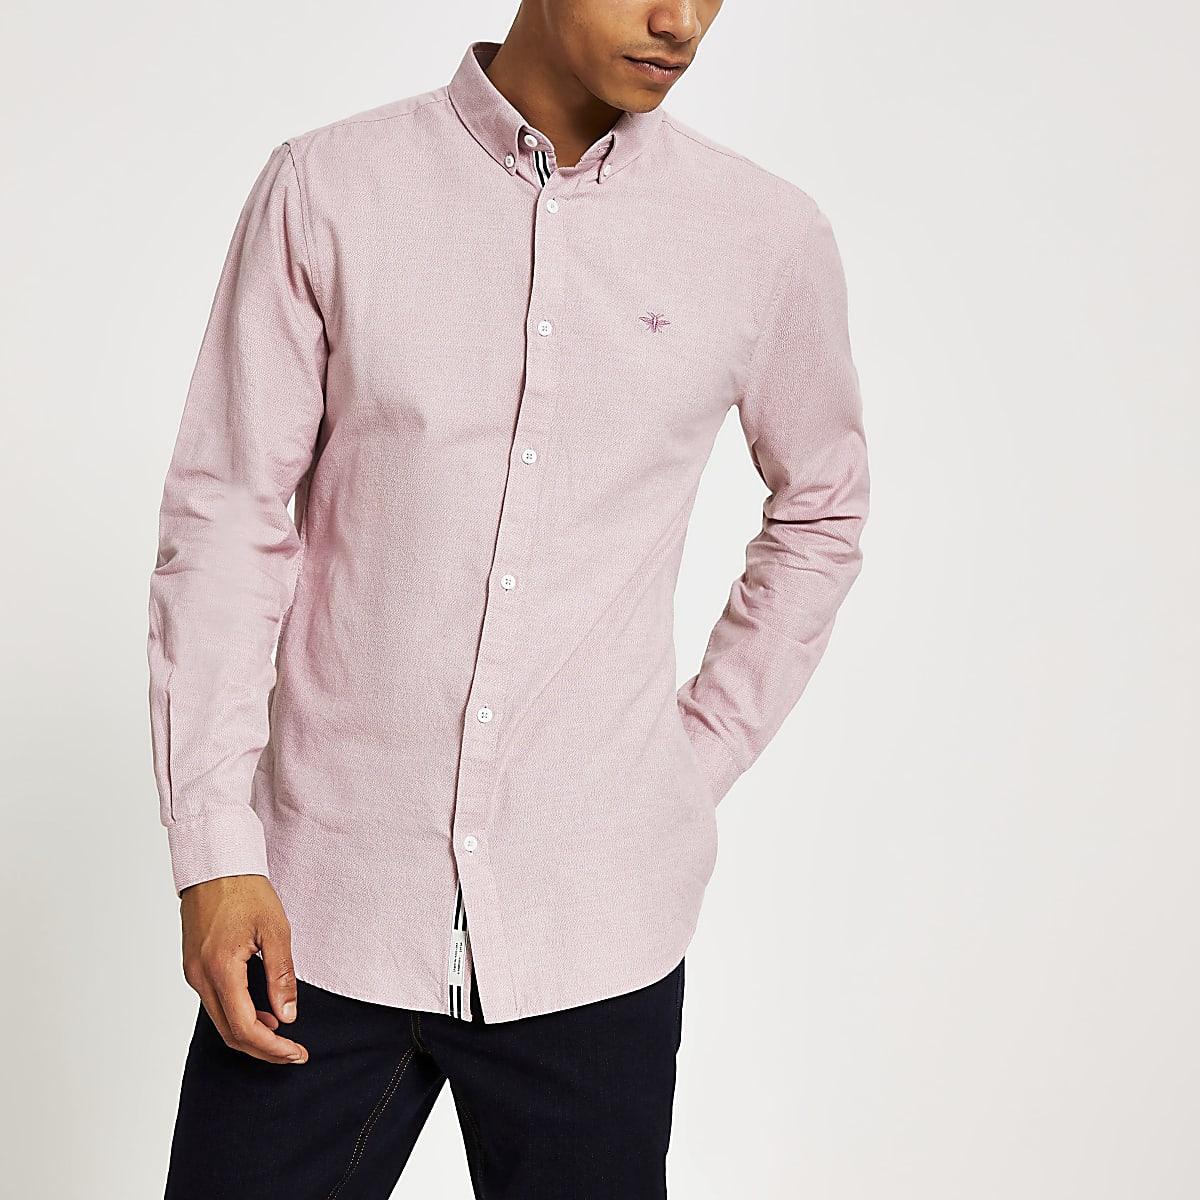 Chemise oxford coupe classique rose à manches longues